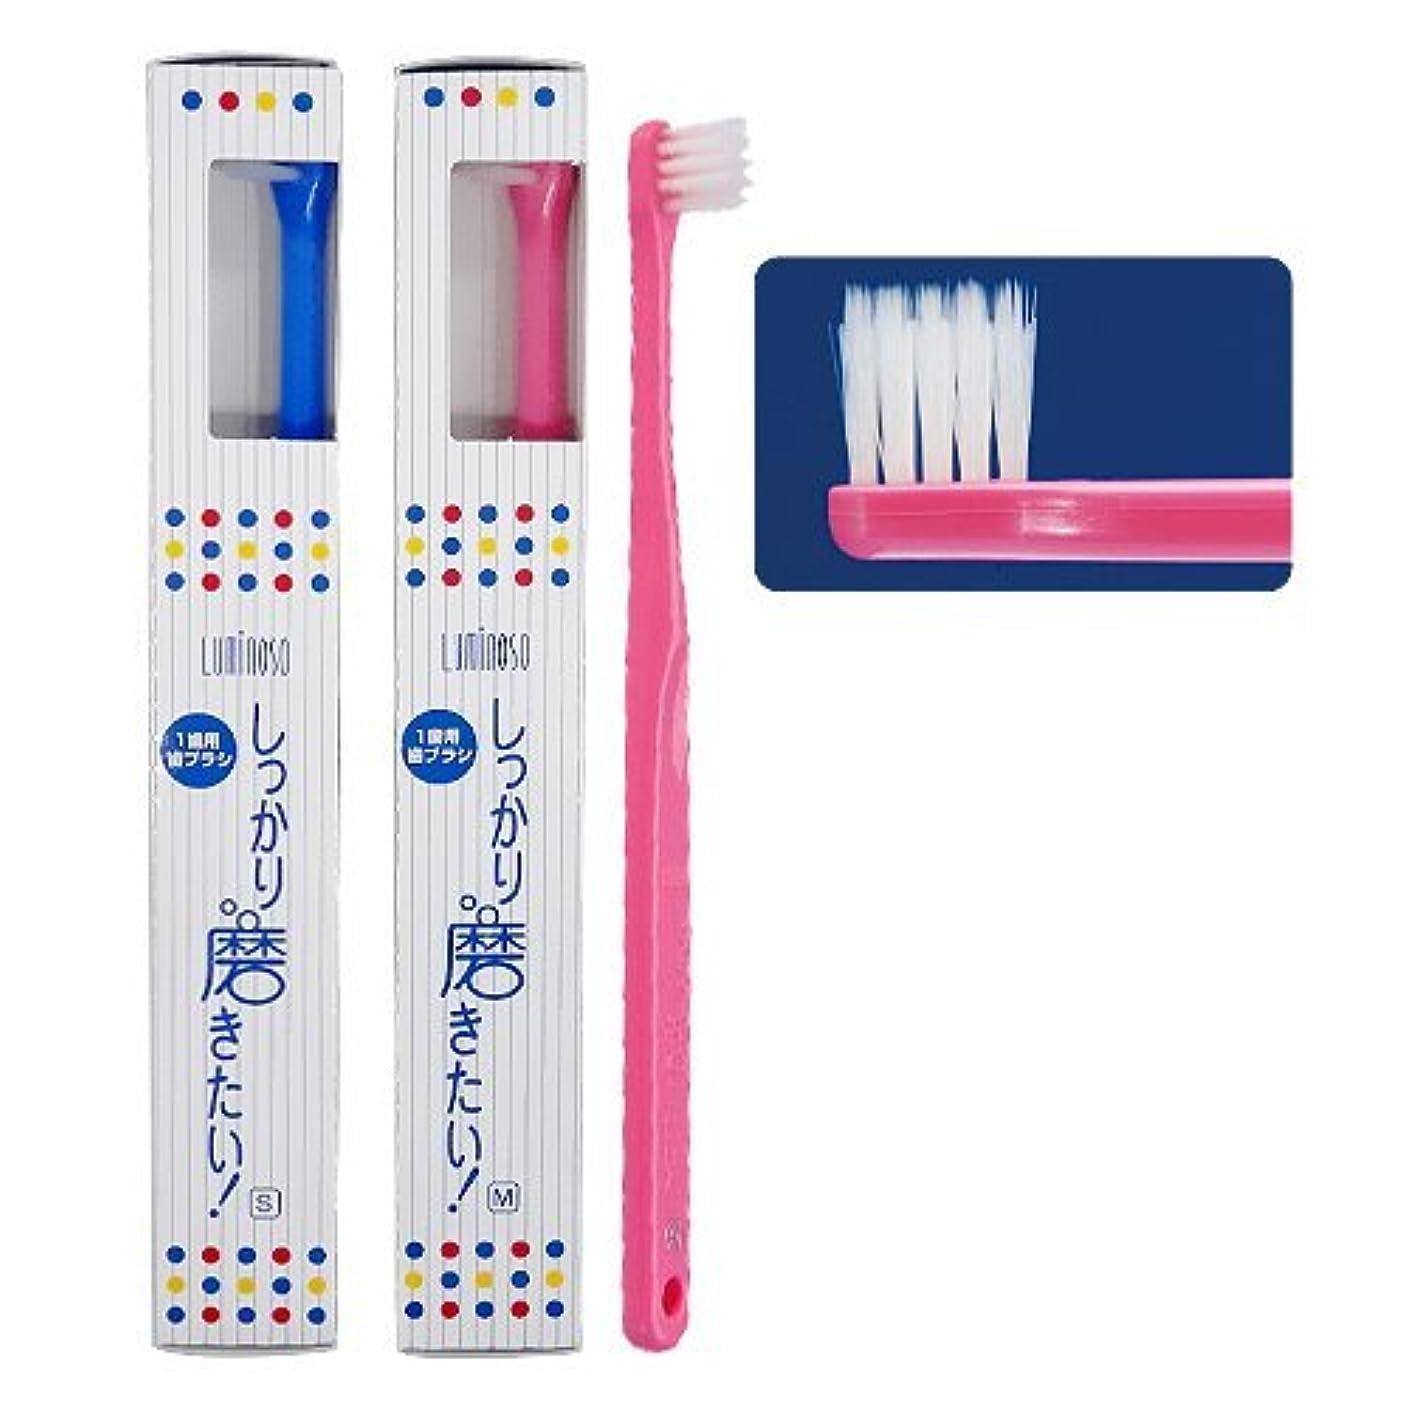 鋼一節無線ルミノソ 1歯用歯ブラシ「しっかり磨きたい!」スタンダード ミディアム (カラー指定不可) 10本